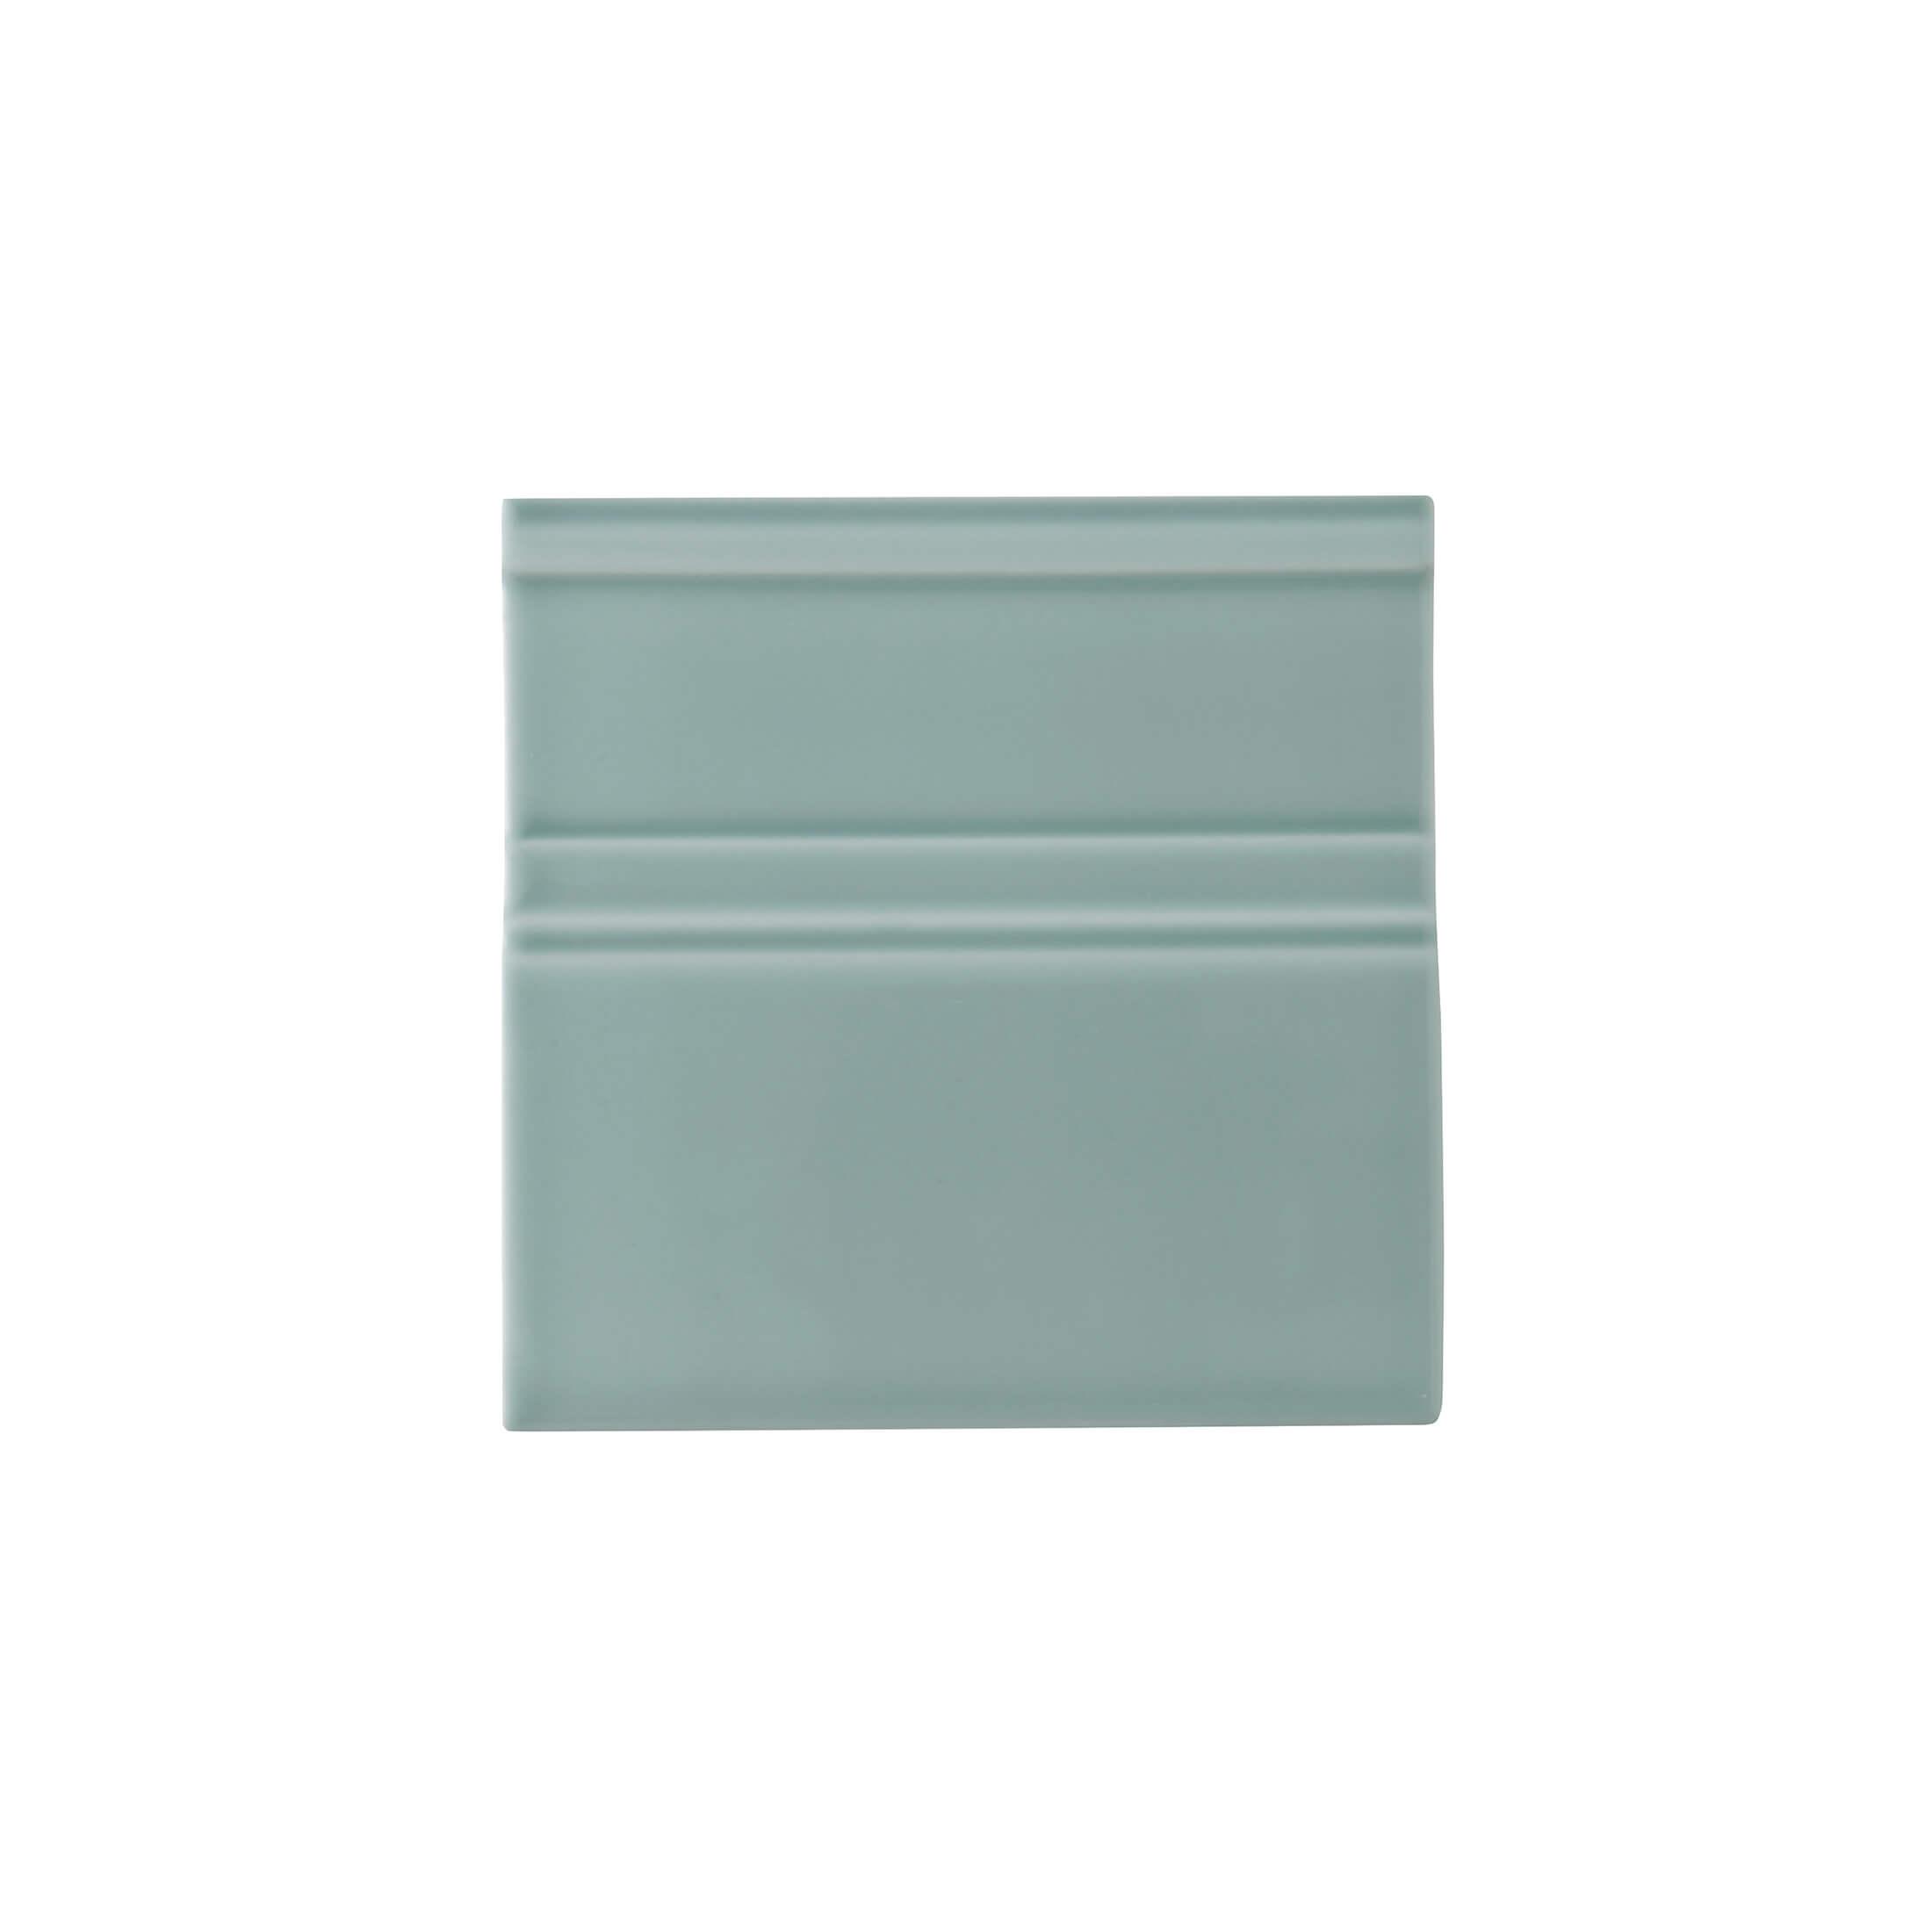 ADNE5631 - RODAPIE CLASICO - 15 cm X 15 cm